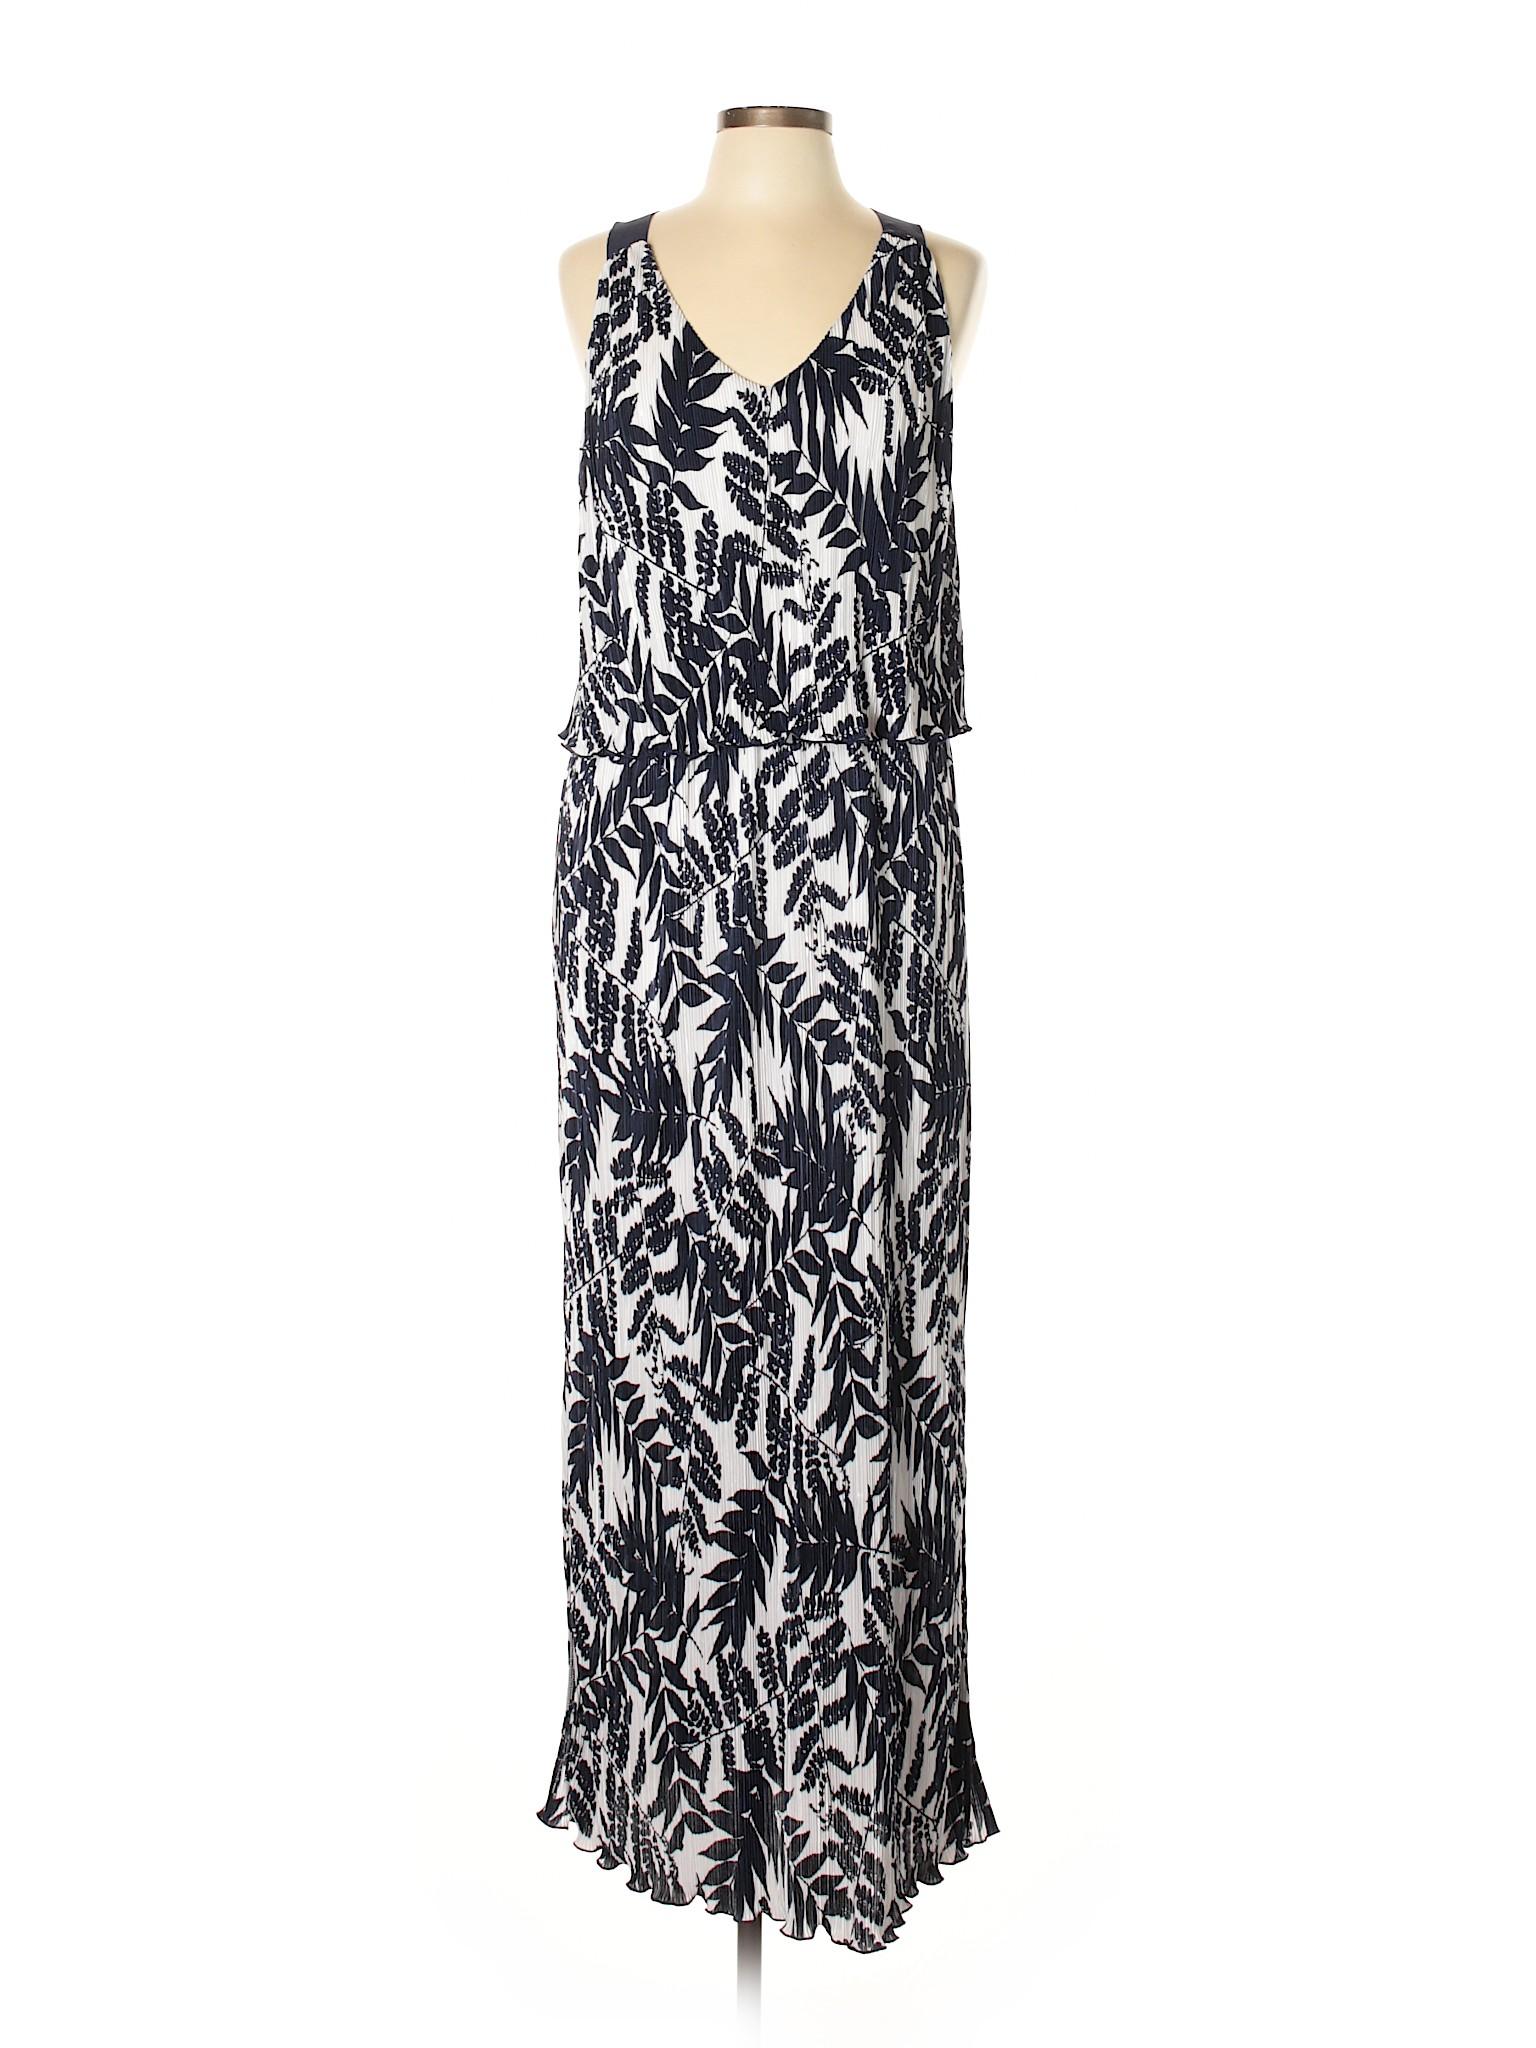 Dress Republic Boutique Casual Banana winter 7fqIU6q